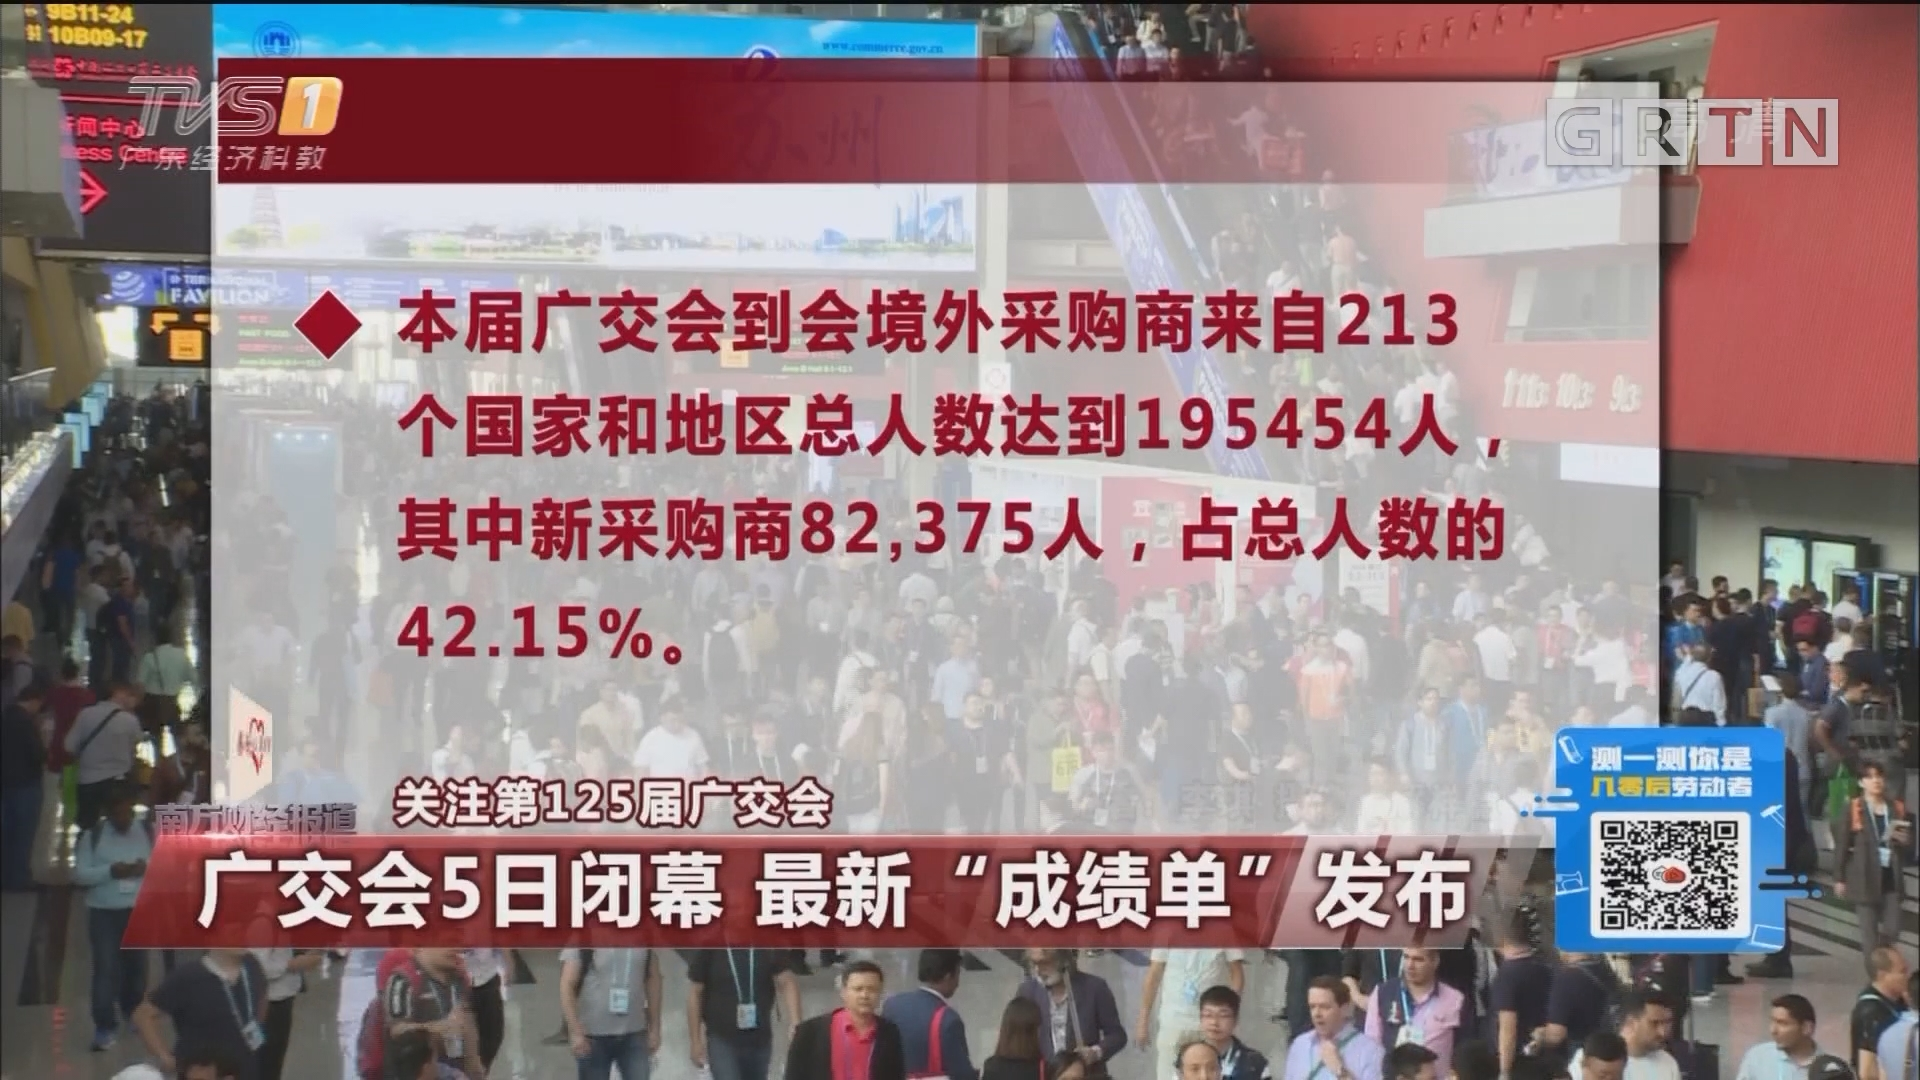 """关注第125届广交会:广交会5日闭幕 最新""""成绩单""""发布"""